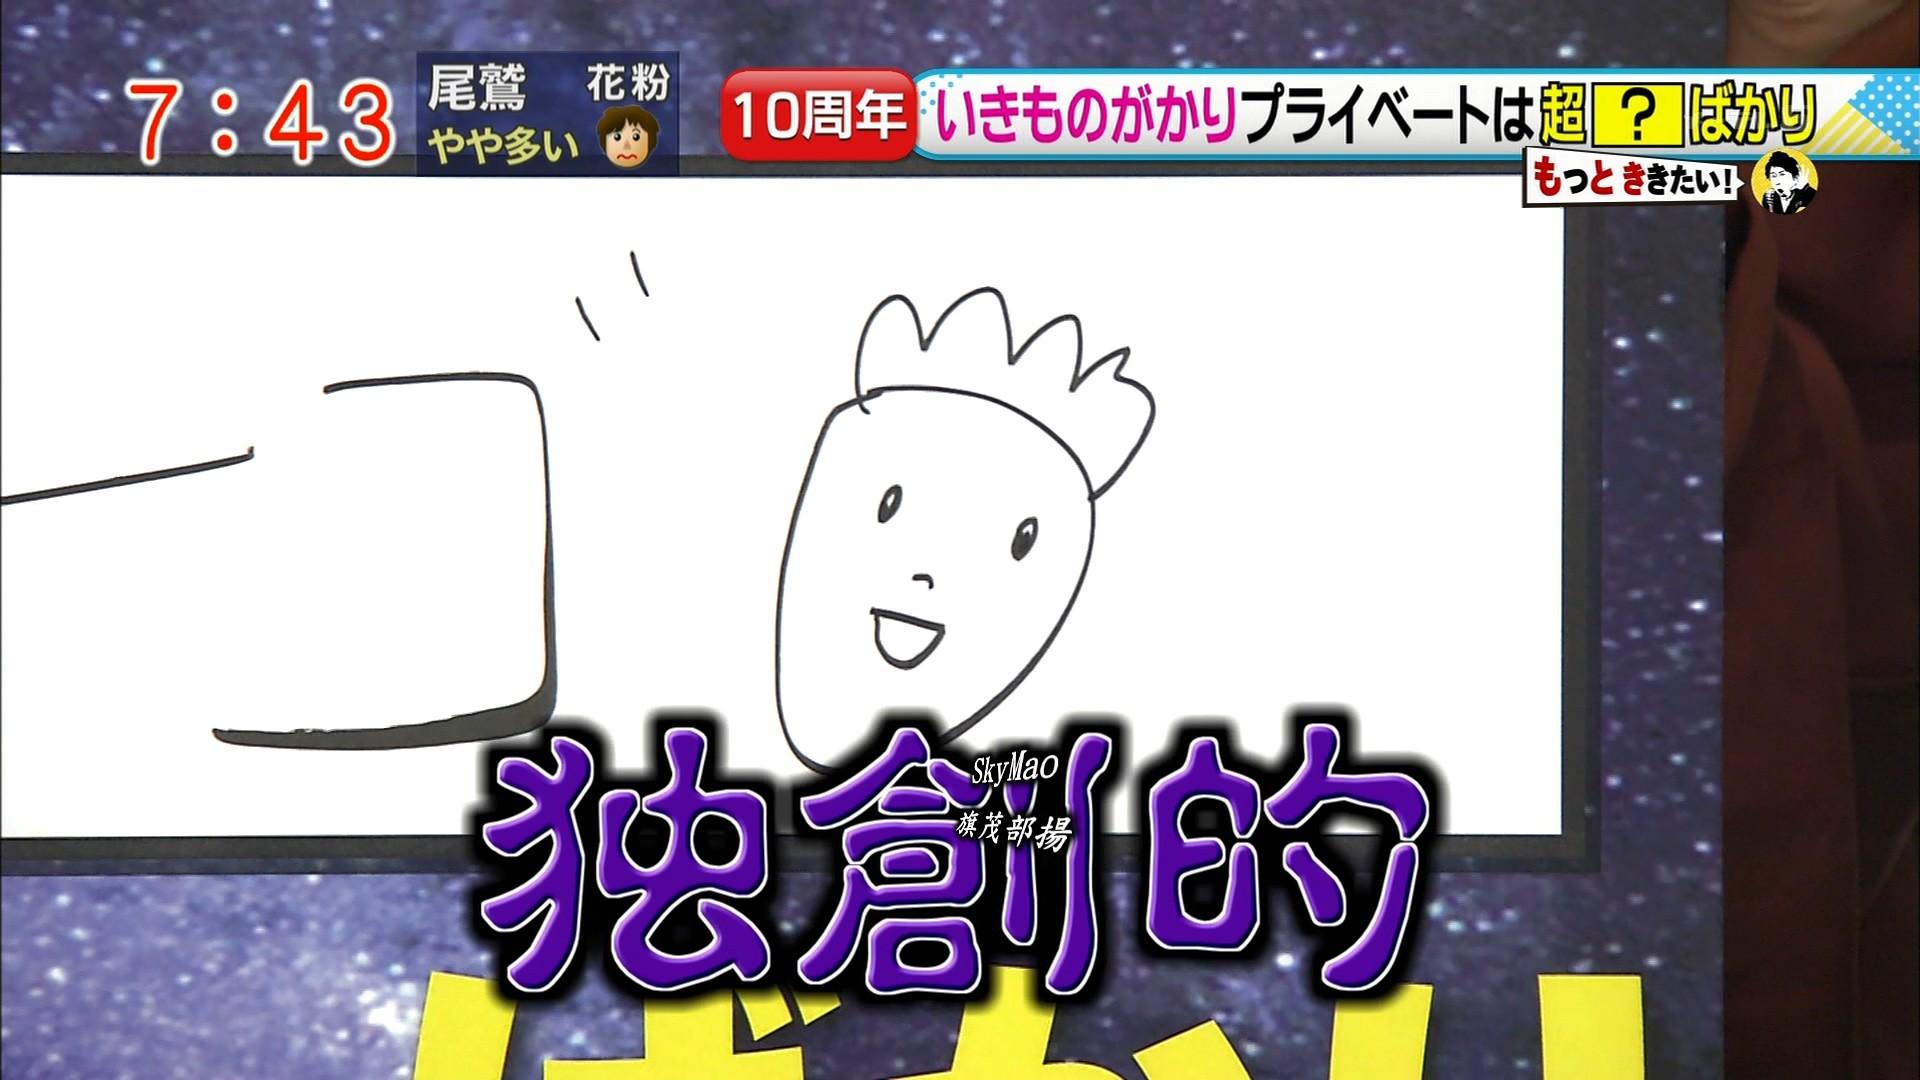 2016.03.28 いきものがかり(ドデスカ!).ts_20160328_141530.851